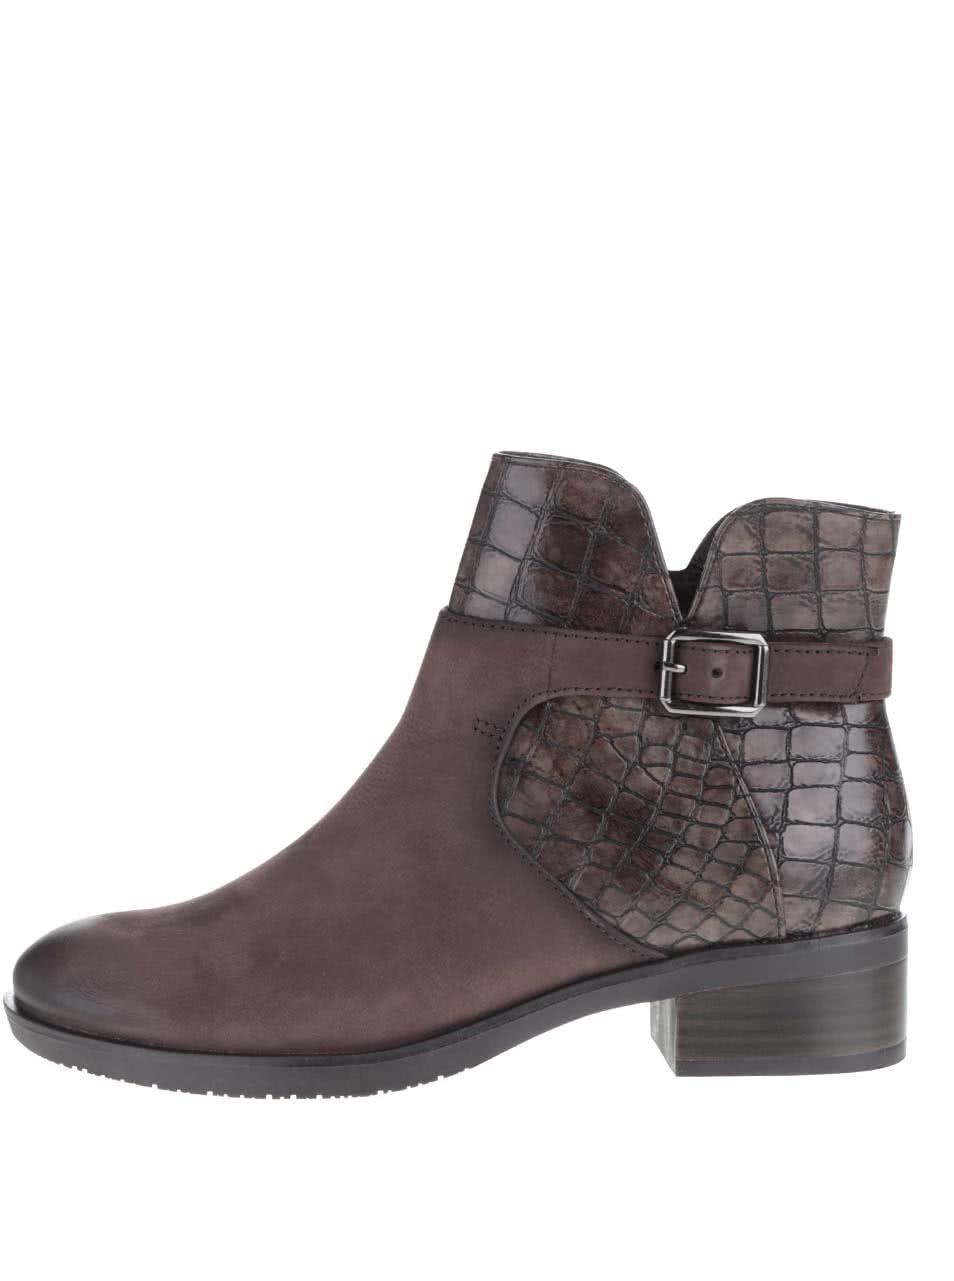 a5100b858e7d Hnedé členkové kožené topánky s prackou a vzorom Tamaris ...